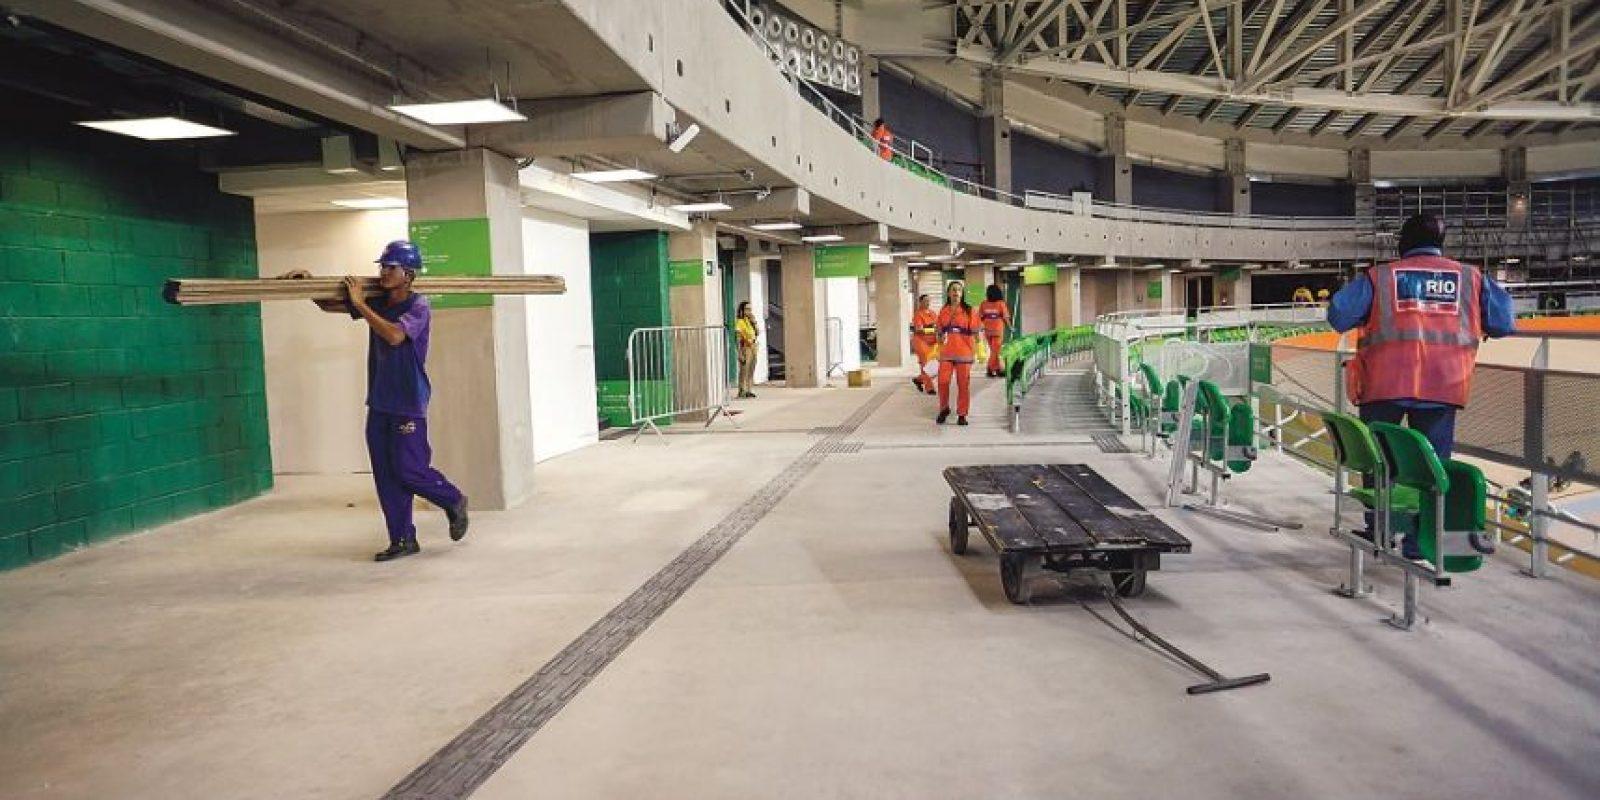 En las zonas de transición y dirigidas al público, van y vienen los trabajadores y limpieza de la calle, como en el Velódromo Foto:BRUNA PRADO/METRO RIO